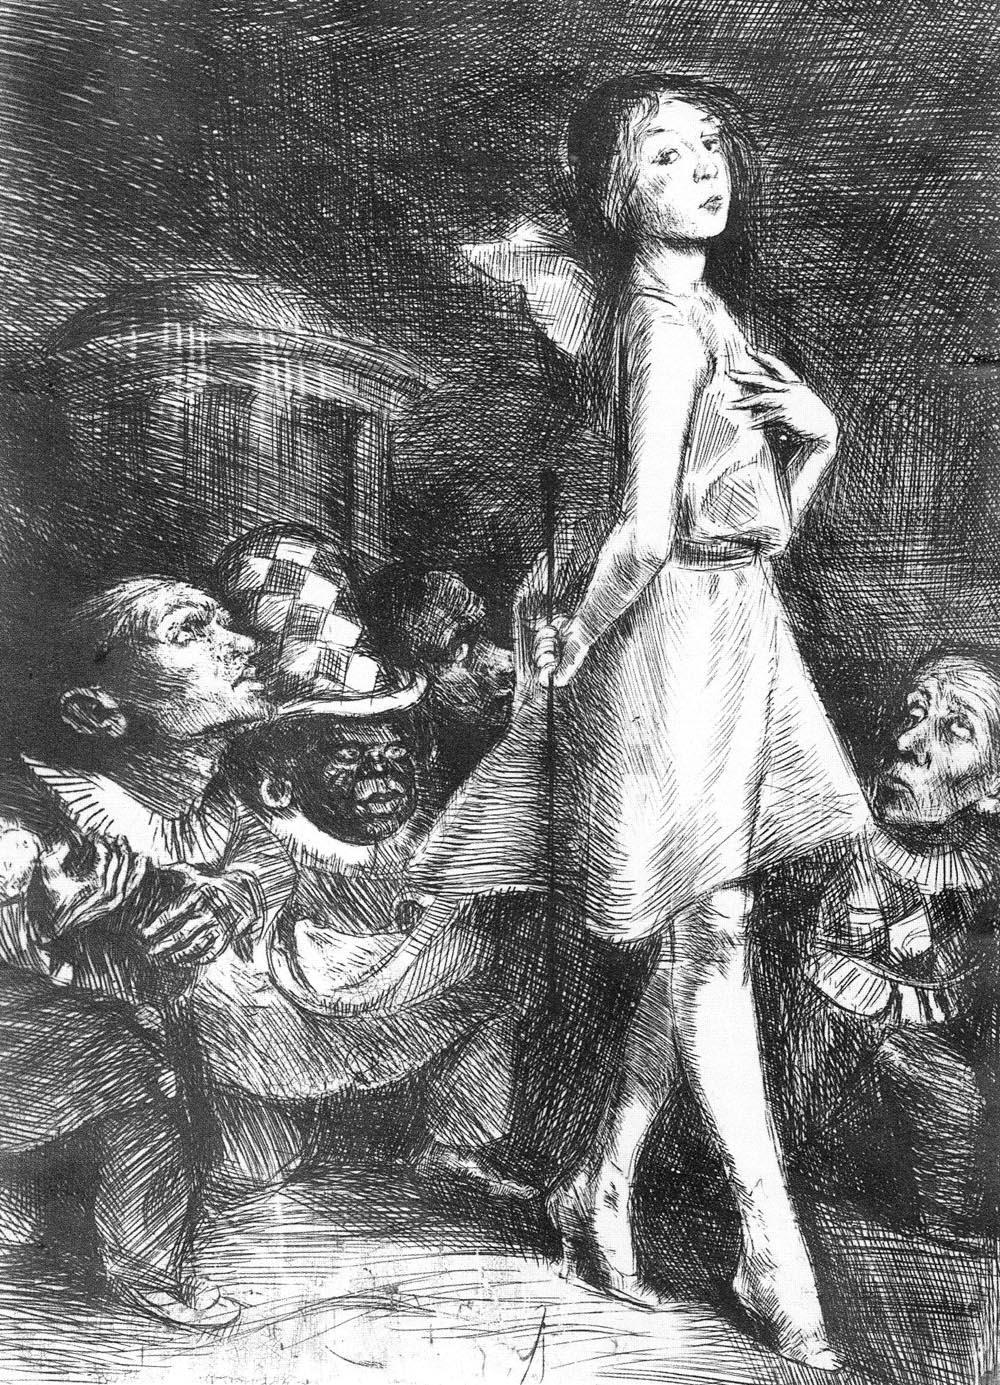 Інфанти та її гноми, 1920-1922, кліше-верре, 18 х 13 см